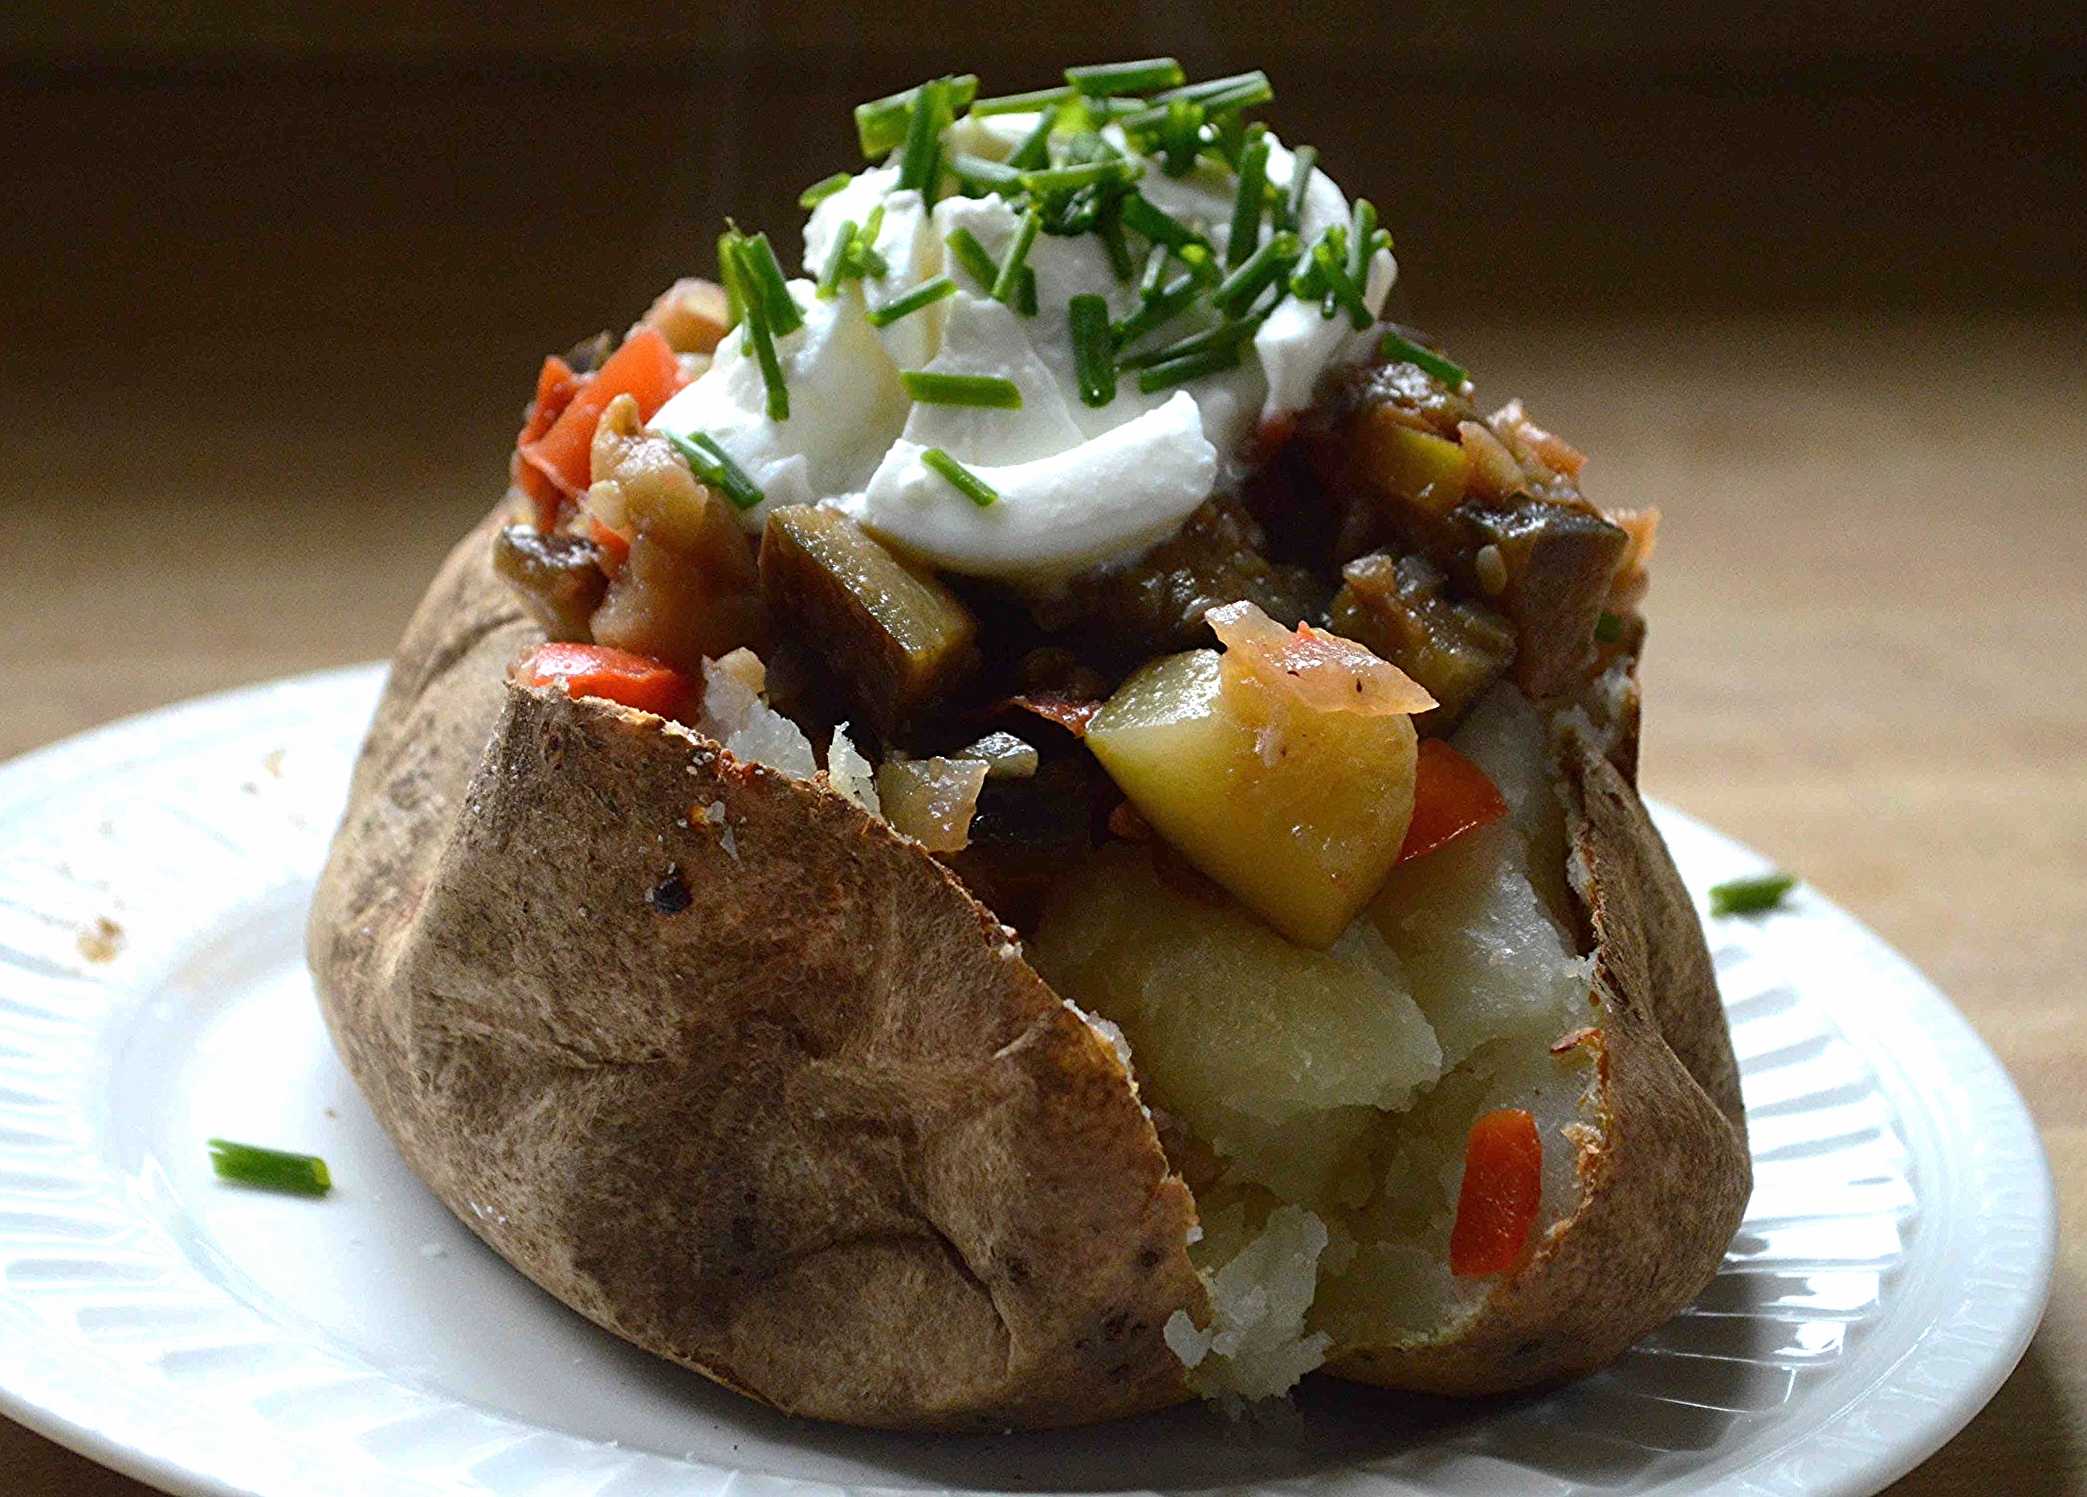 Ratatouille Stuffed Baked Potatoes